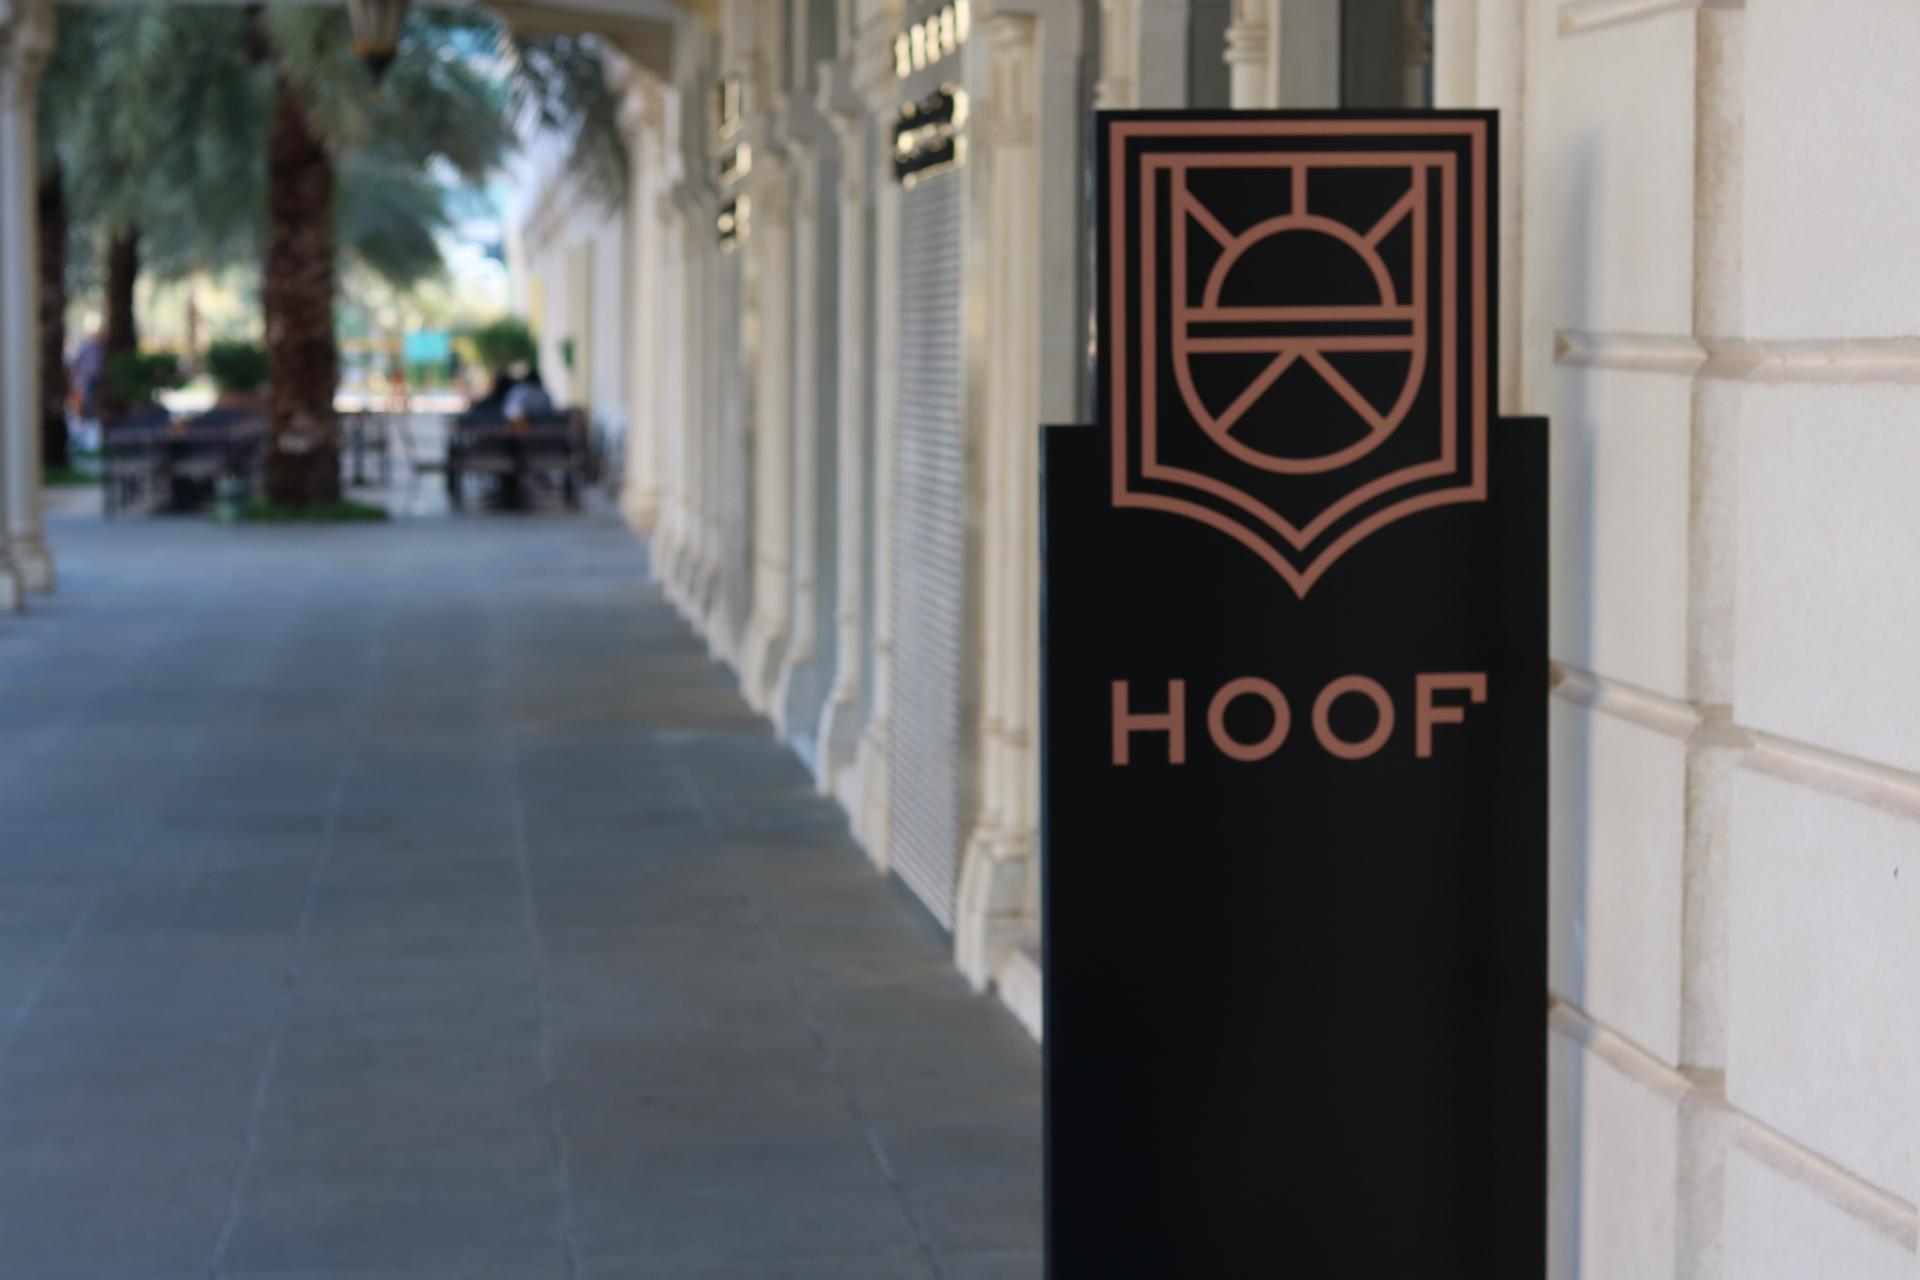 مقهى هوف